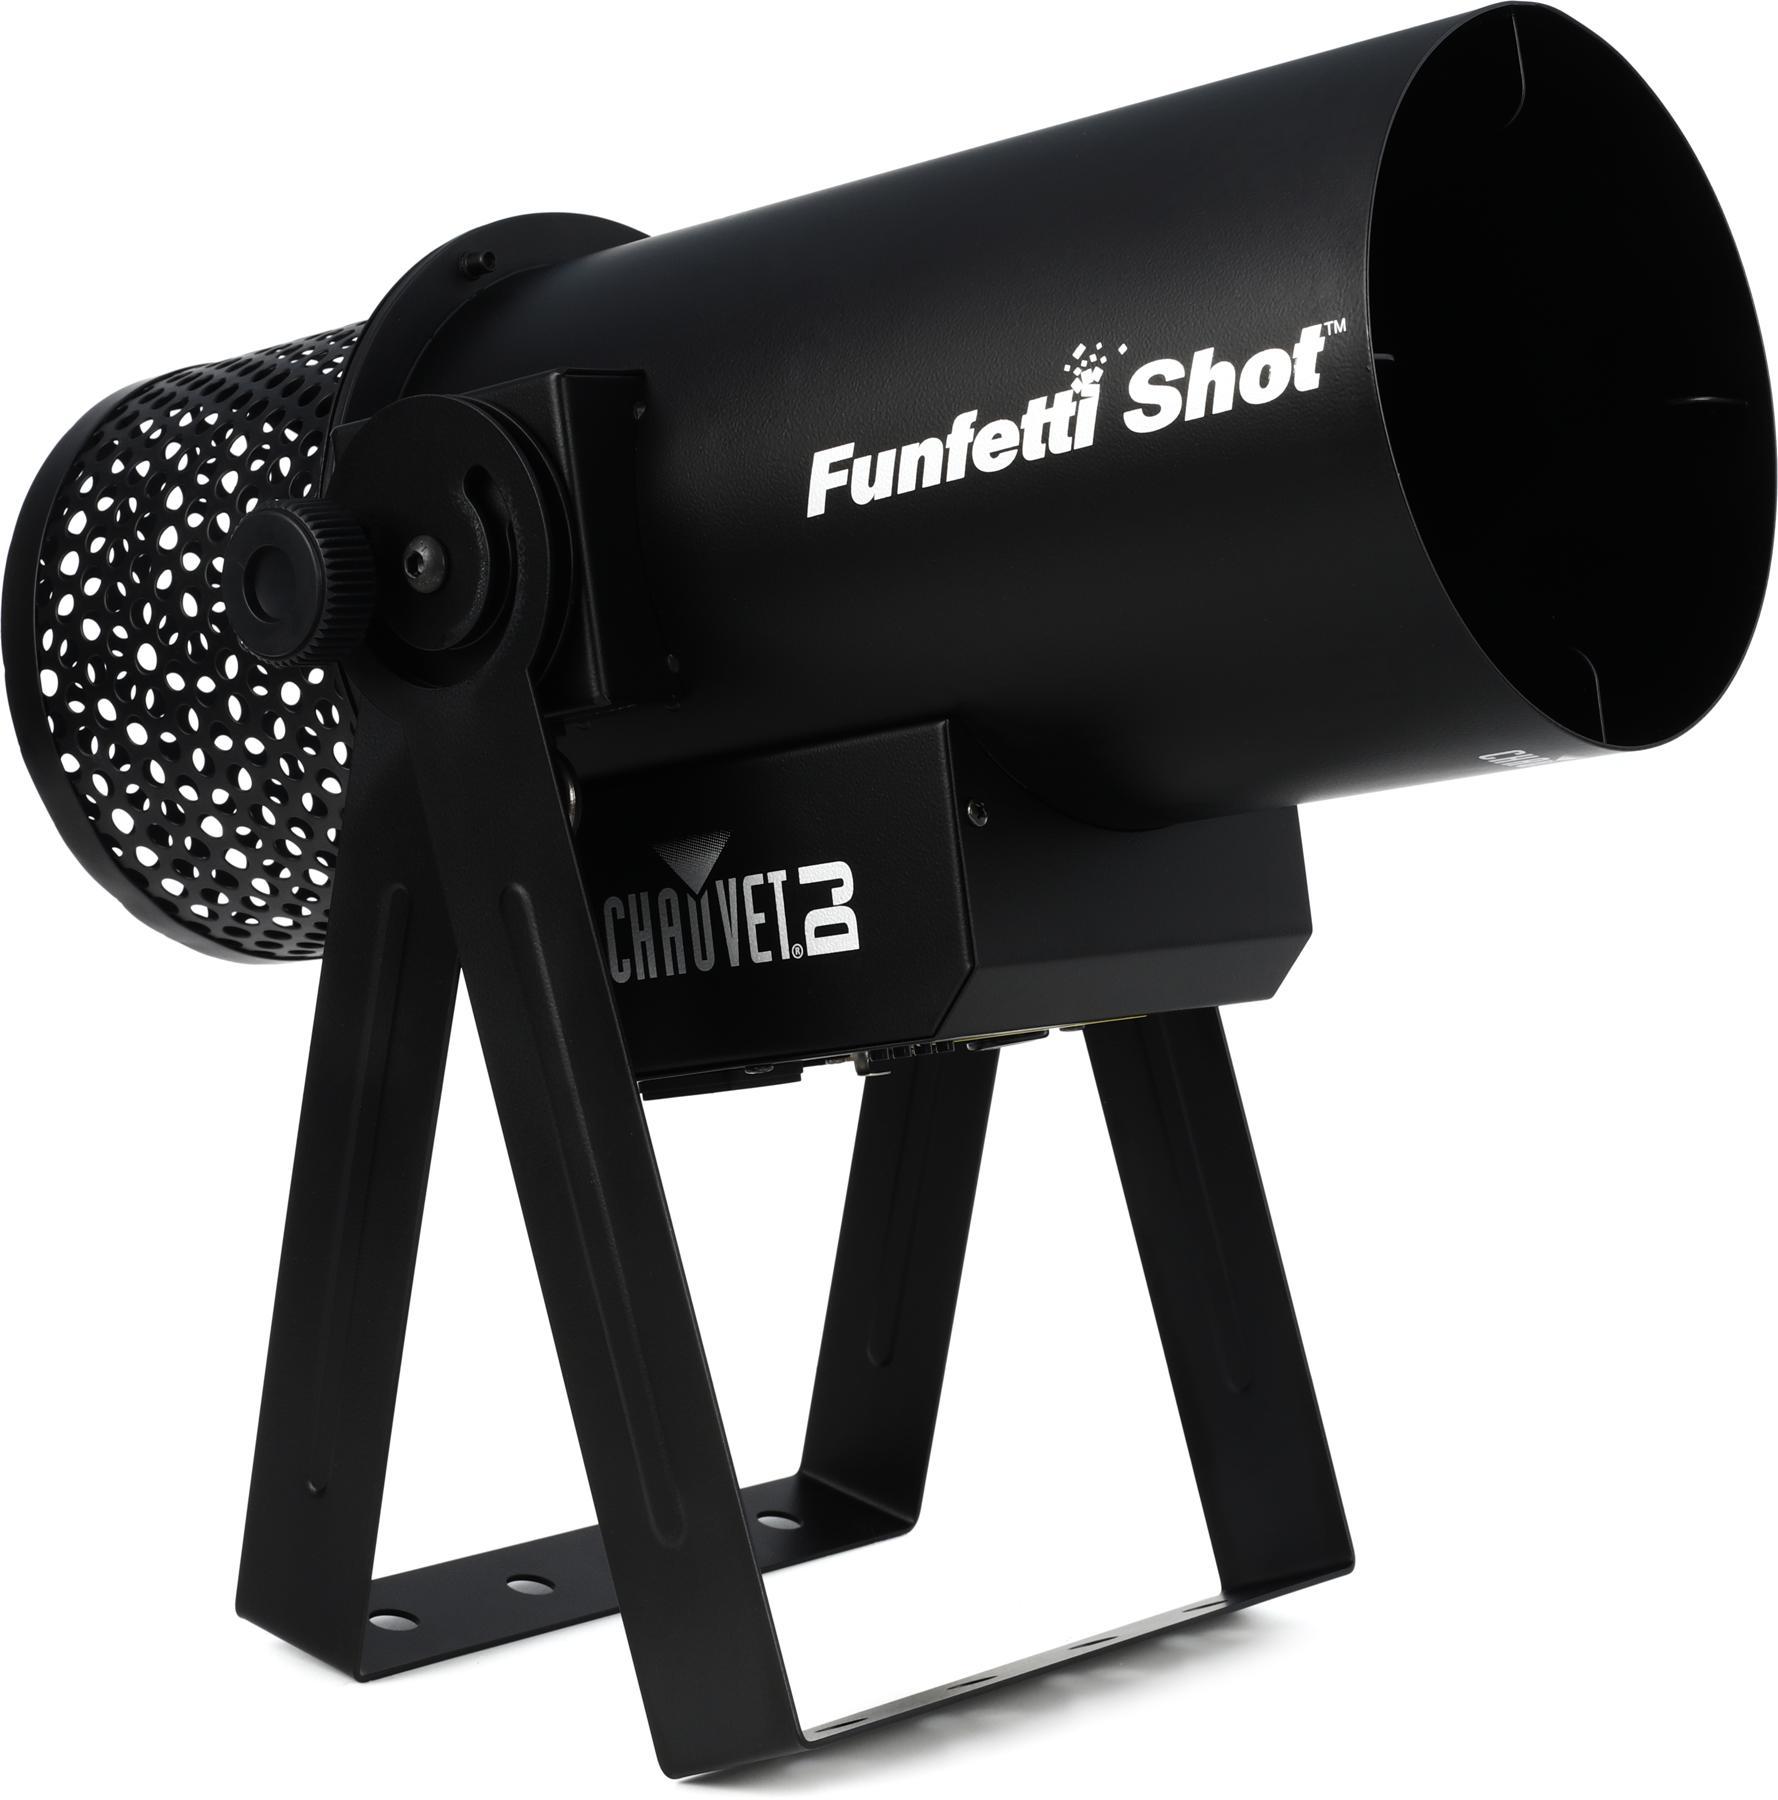 1. Chauvet DJ Funfetti Shot Confetti Launcher